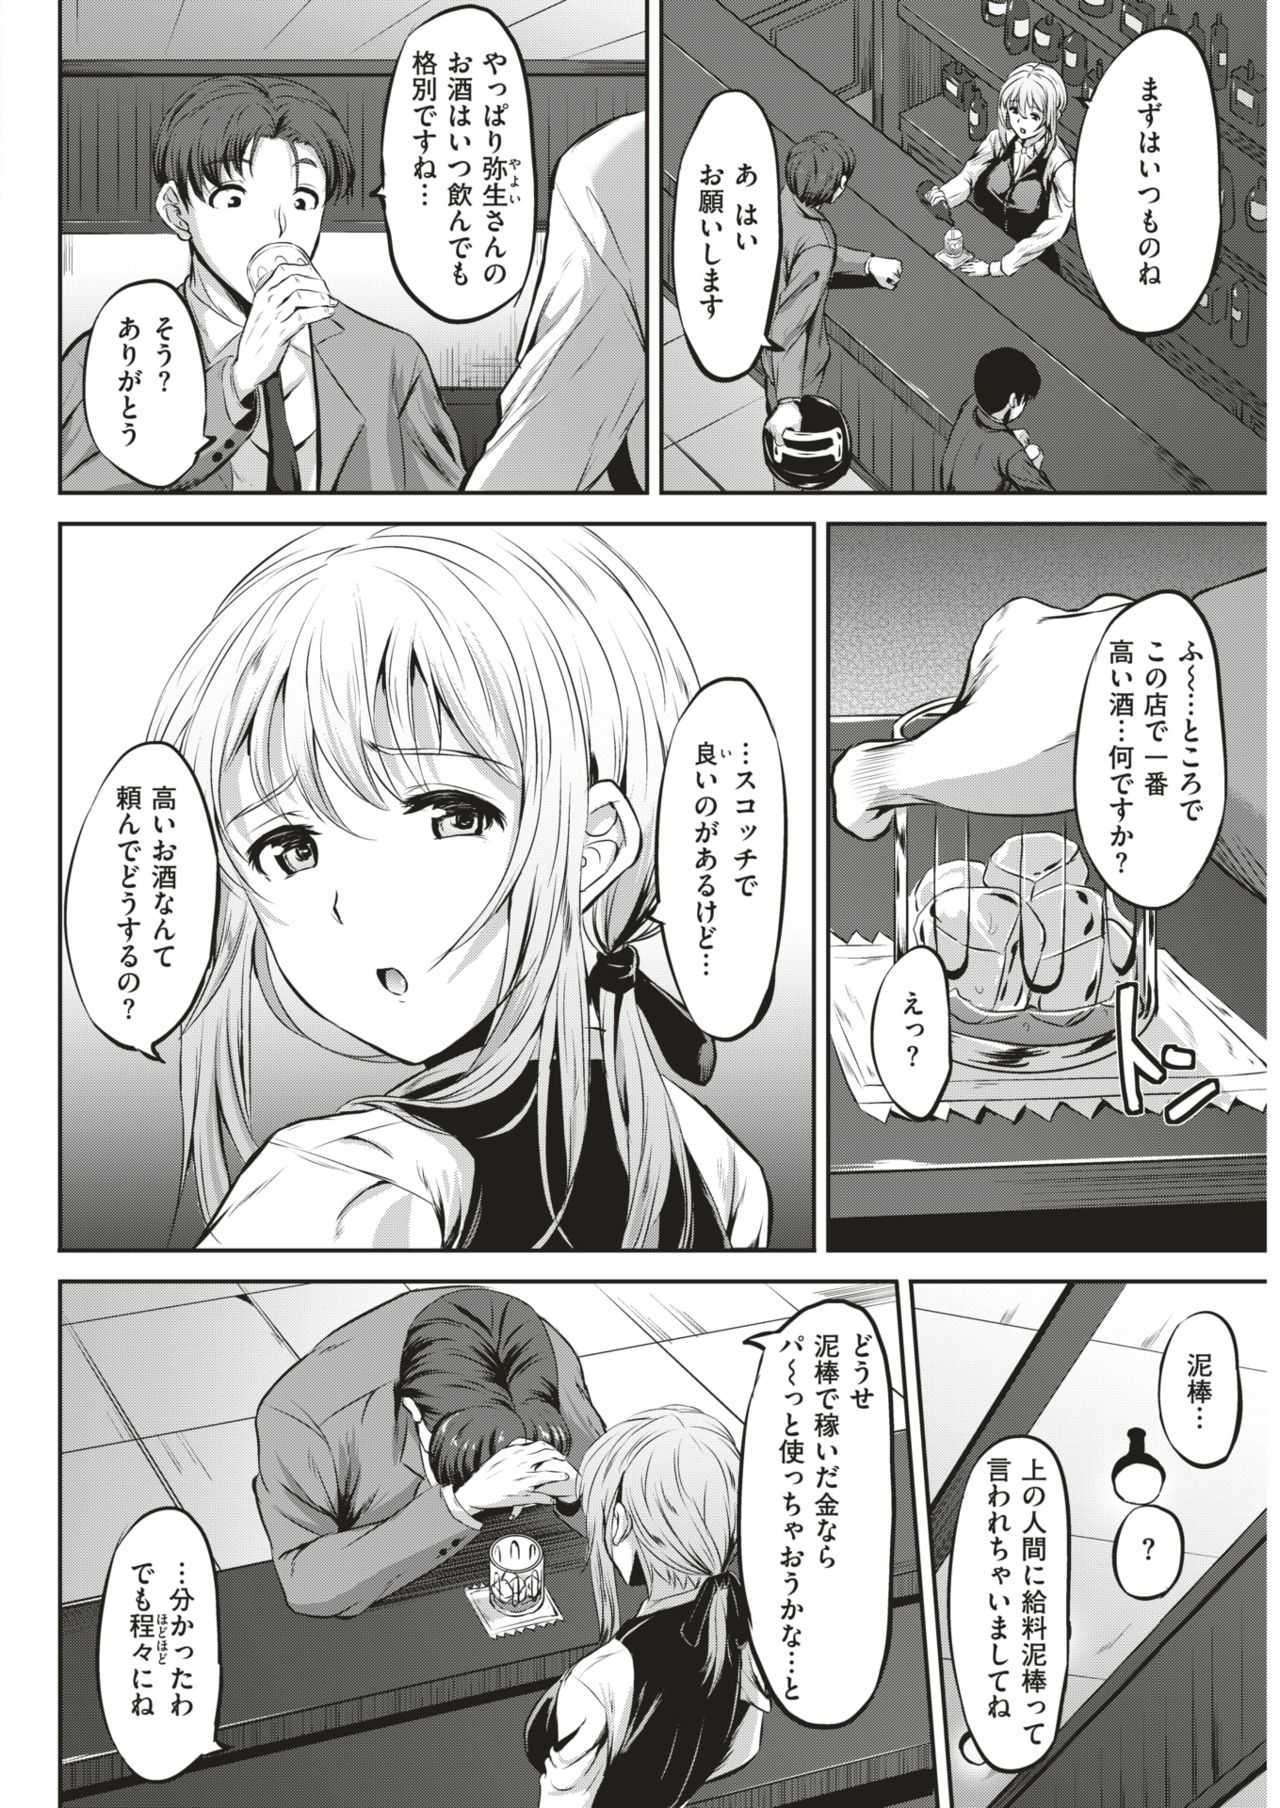 【エロ漫画】巨乳バーテンダーが美味しいお酒と性奉仕で疲れを癒してくれる最高なバーwww